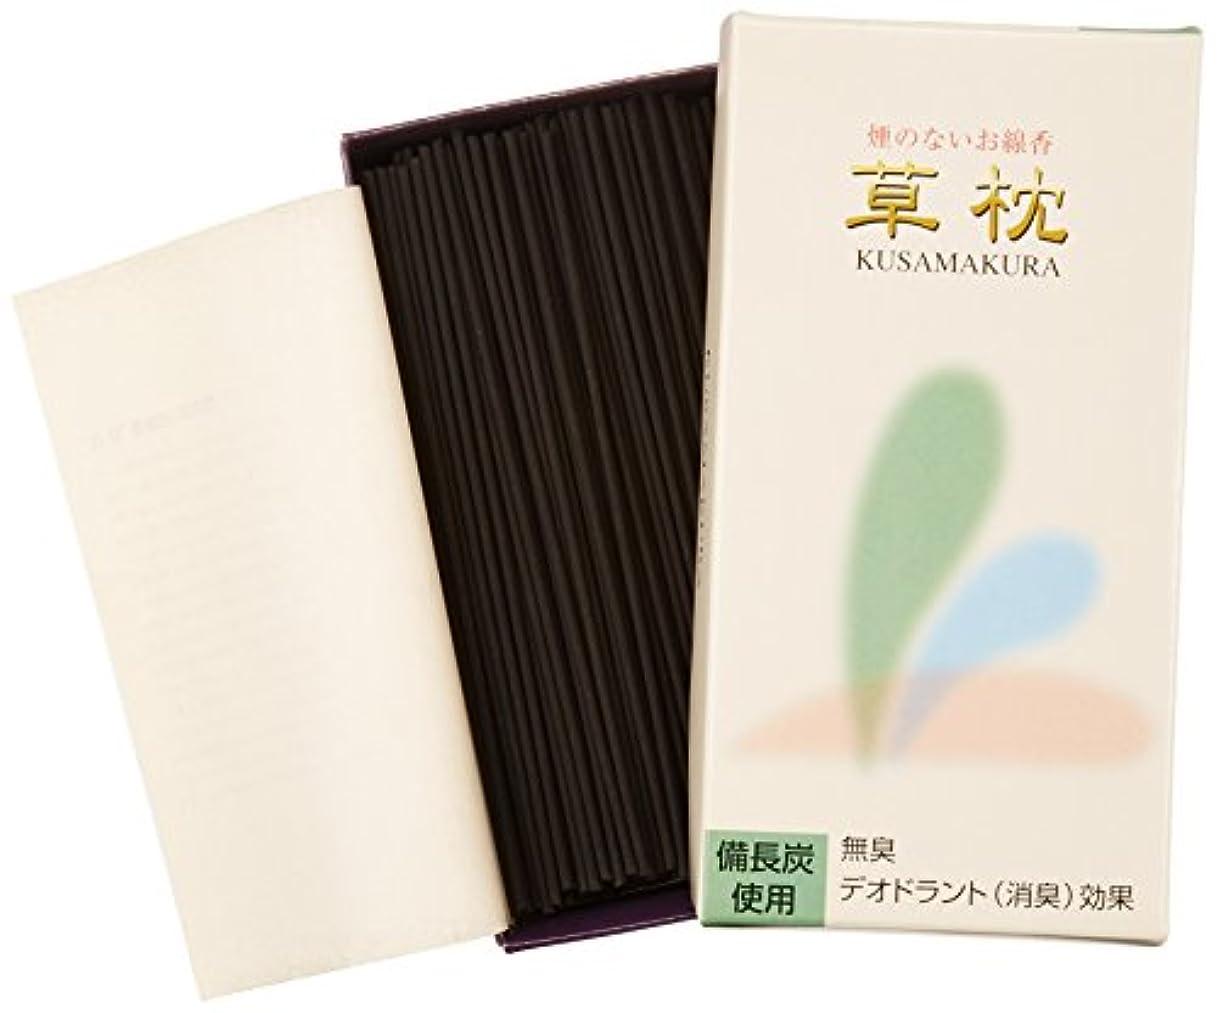 敷島線香 煙の少ないデオドラント草枕 短寸バラ詰 DEO #271